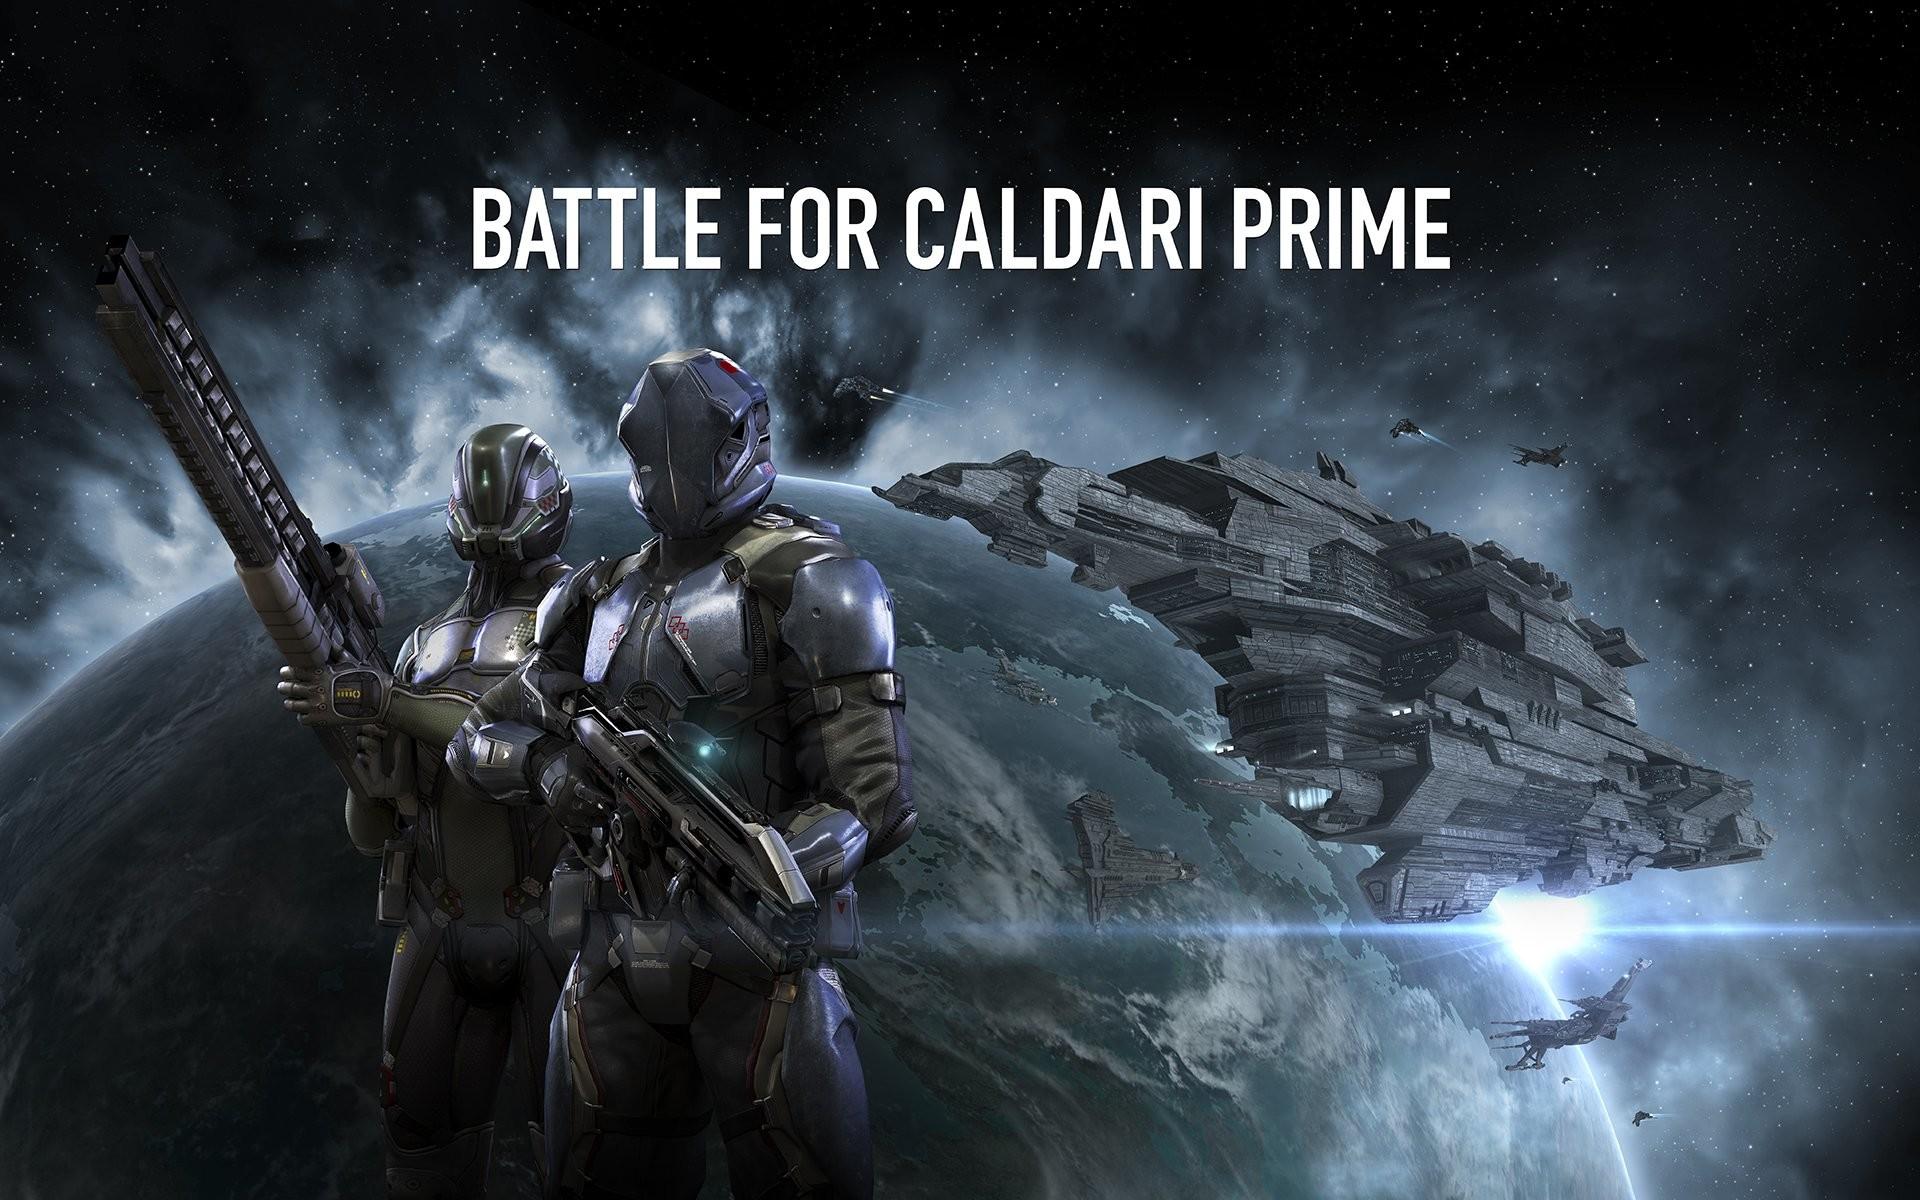 Caldari Prime